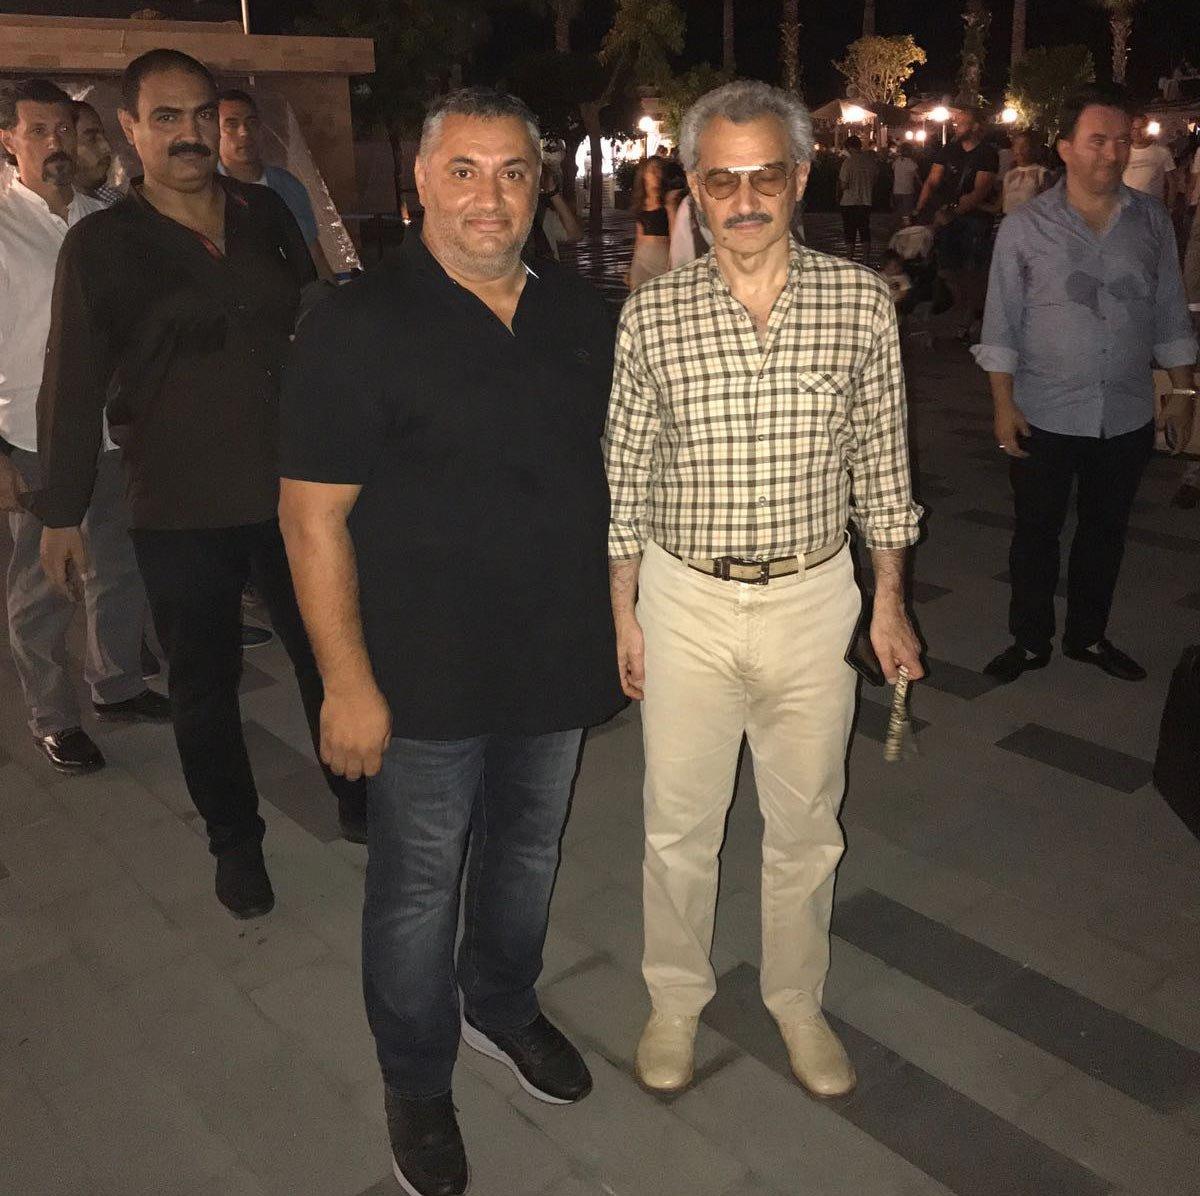 FOTO:İHA - Suudi Prens (sağdaki) vatandaşlarla da hatıra fotoğrafı çektirdi.